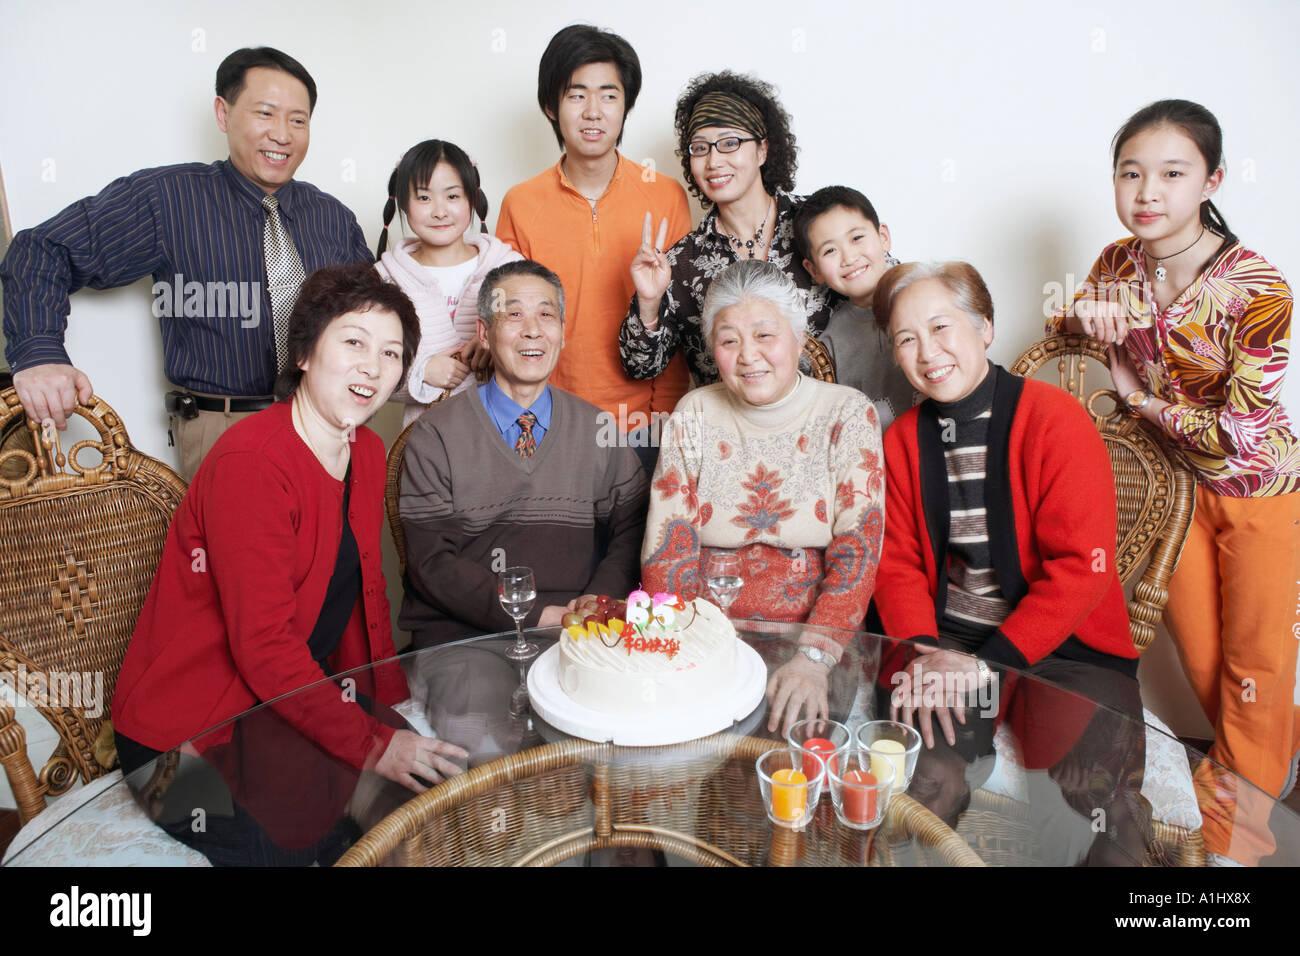 Porträt einer Familie bei einer Geburtstagsparty Stockbild